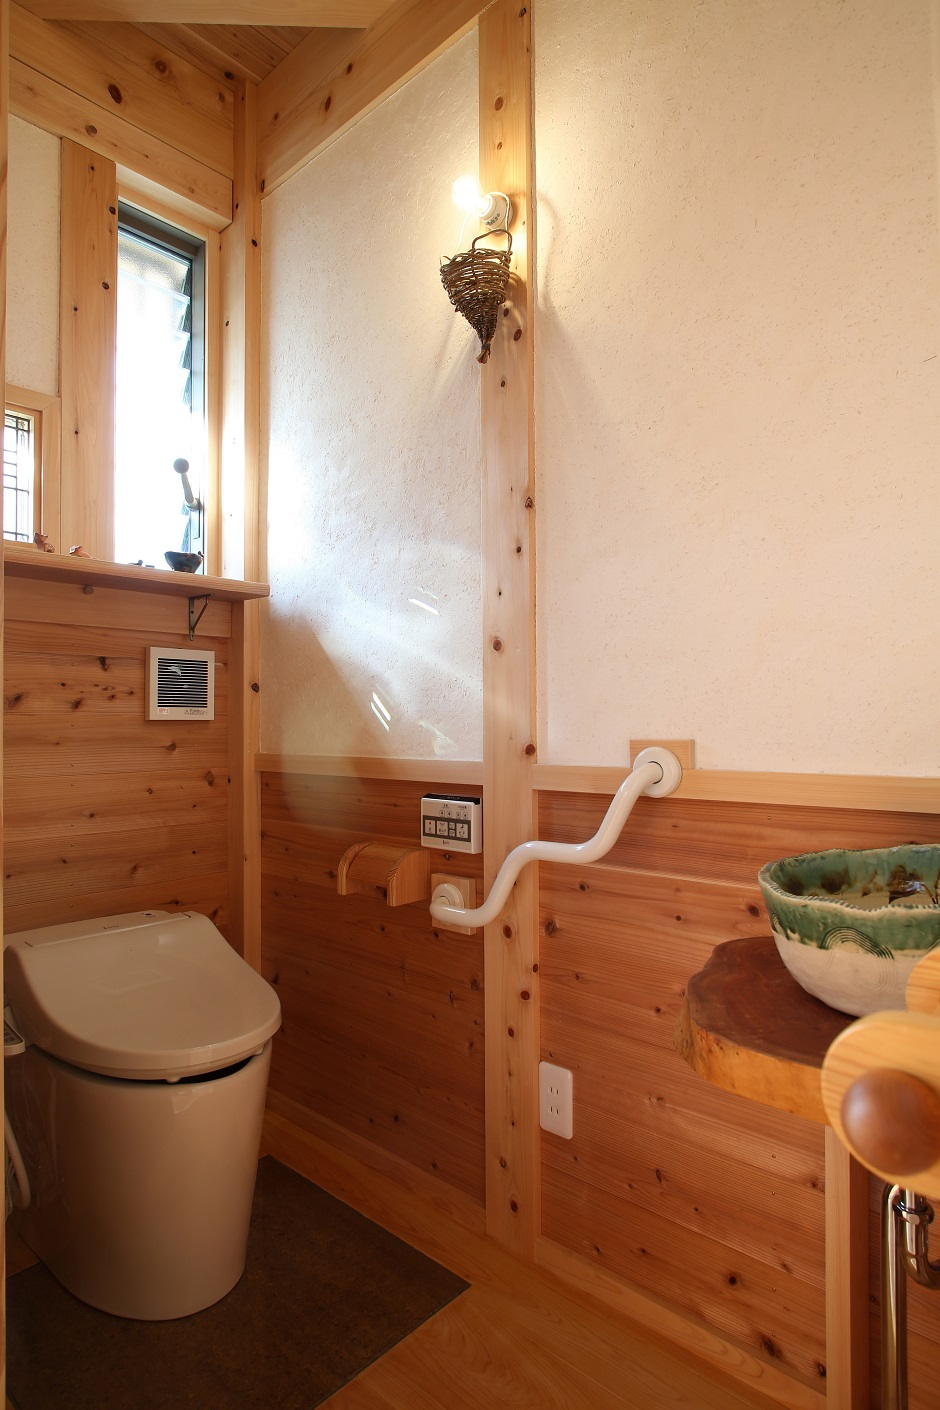 ほるくす【和風、自然素材、ペット】トイレは陶器の洗面ボウルが印象的な空間。窓から注ぐ太陽の光が優しく、ほっとくつろげる